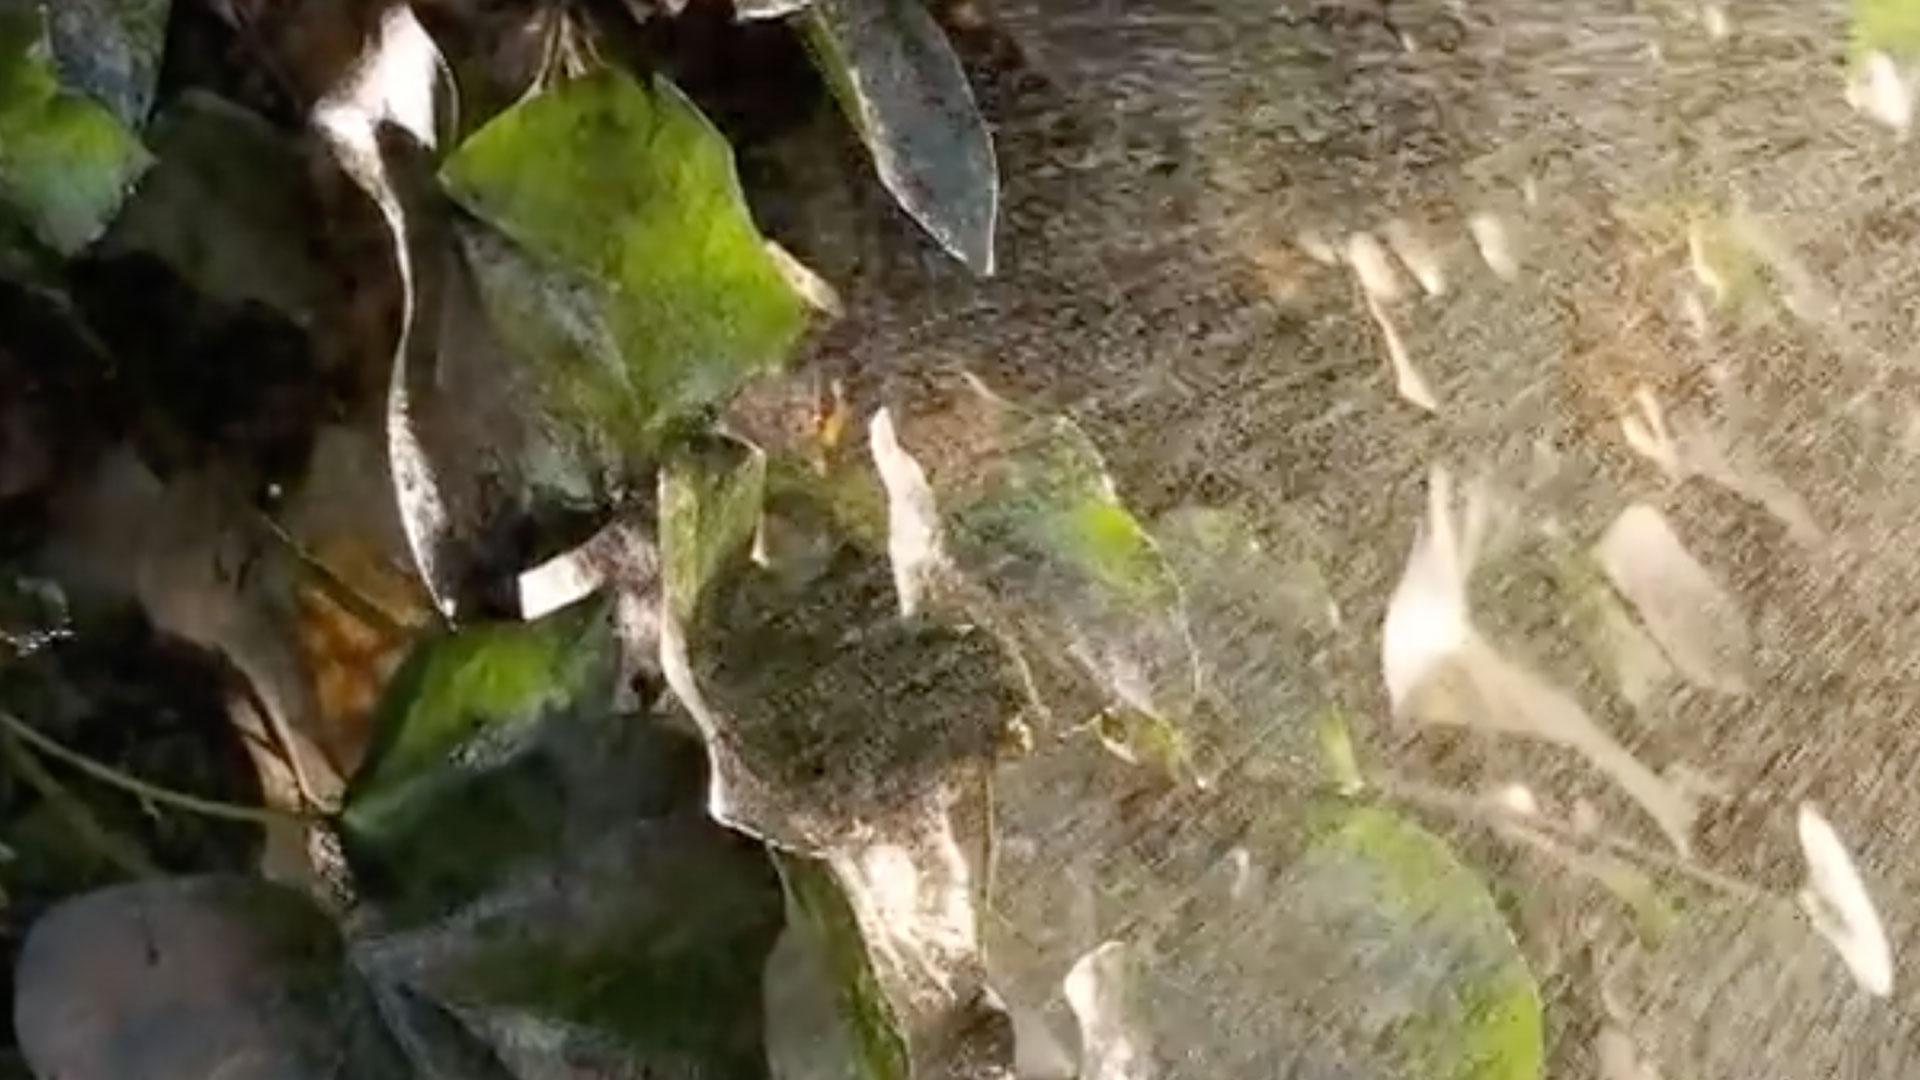 Es normal que el crecimiento que tienen las plantas en primavera haga ver un poco desordenado y sucio al jardín, los follajes crecen un poco revueltos y las plagas comienzan a ensuciar el entorno. Por eso una labor muy necesaria es limpiar los setos, aquellos cercos naturales formados por arbustos como las ligustrinas, pitosporo, viburnum, etc. que en esta época se llenan de polvo y algunas plagas los comienzan a atacar.